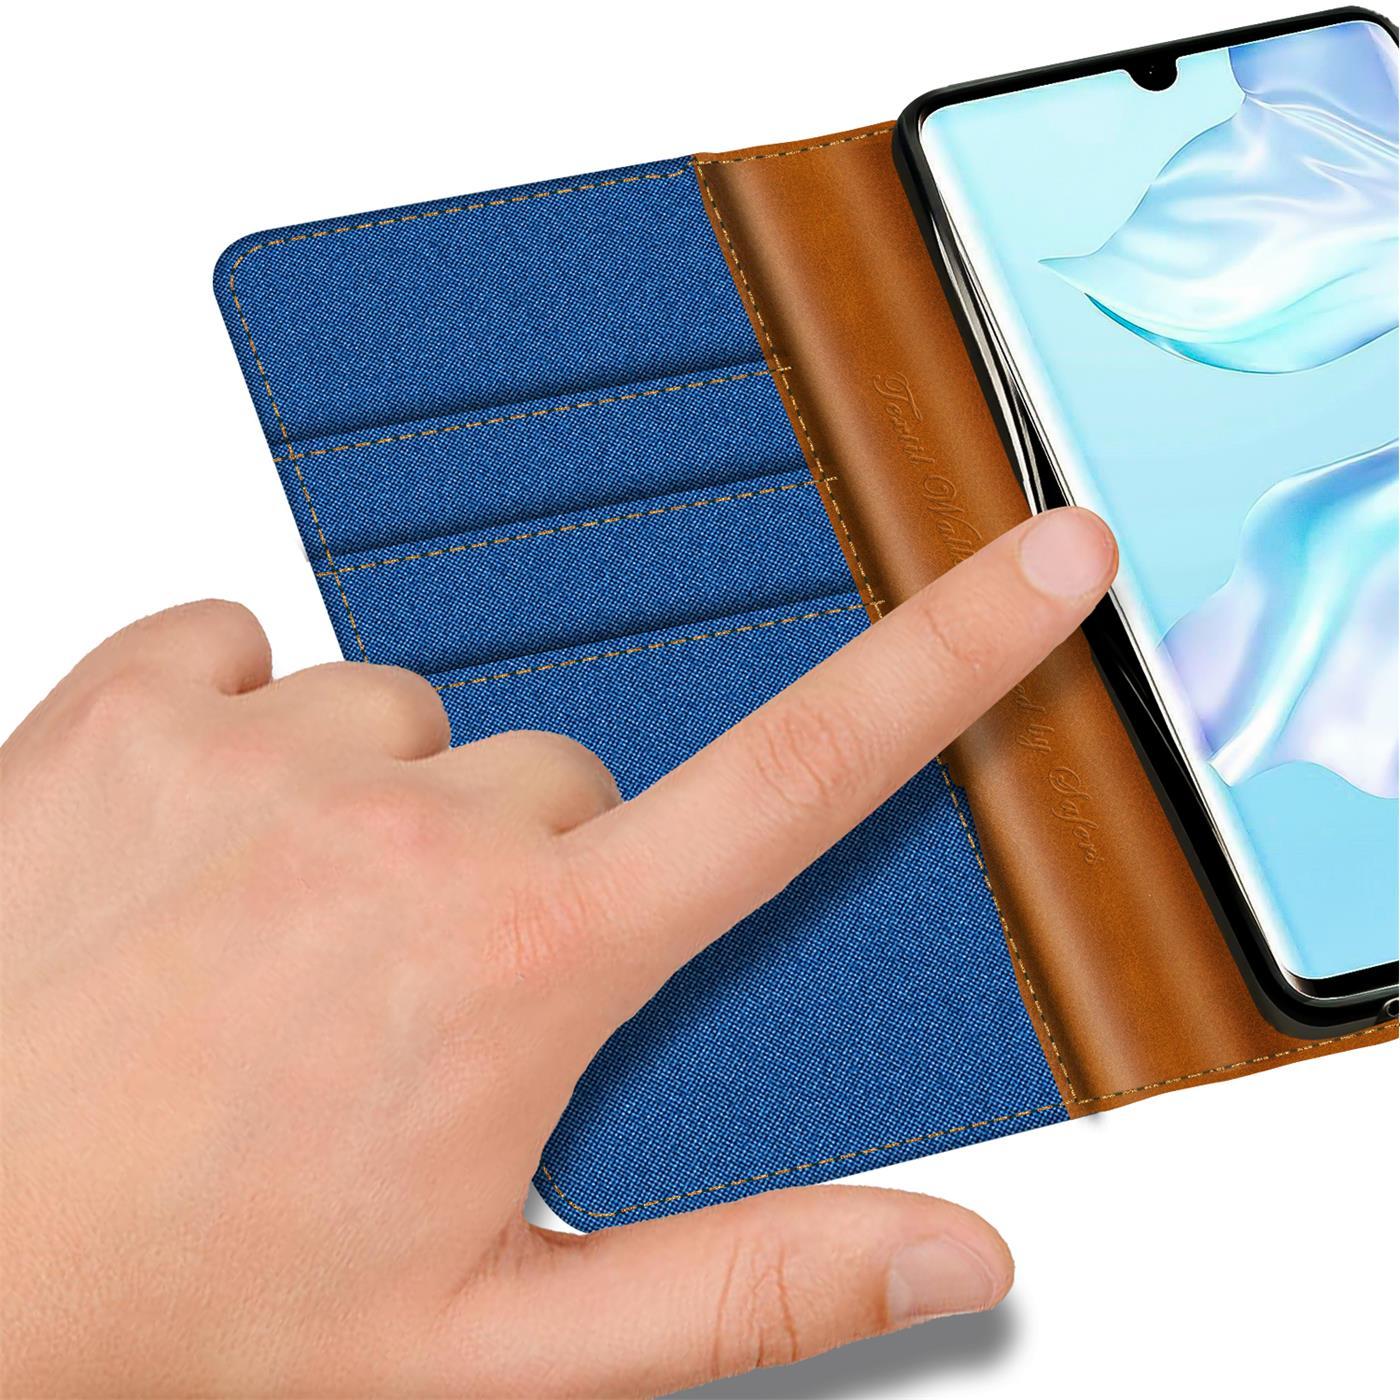 Schutzhuelle-Handy-Huelle-Flip-Case-Klapp-Tasche-Book-Case-Cover-Handyhuelle-Etui Indexbild 19